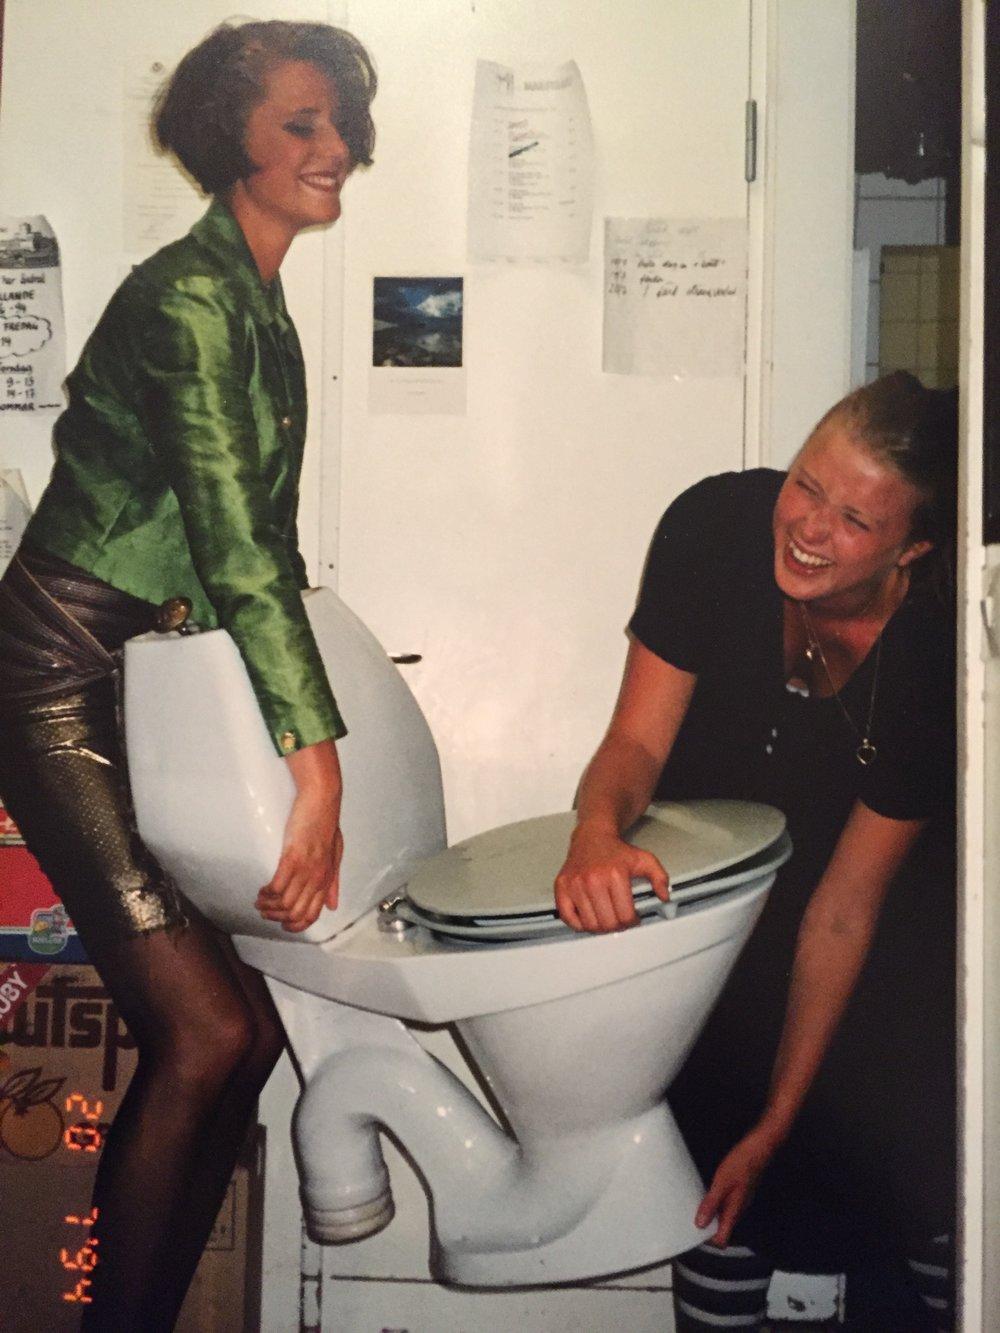 Backstage med Pirayaklubben sommaren 1994. Toaletten skulle också upp på scen.